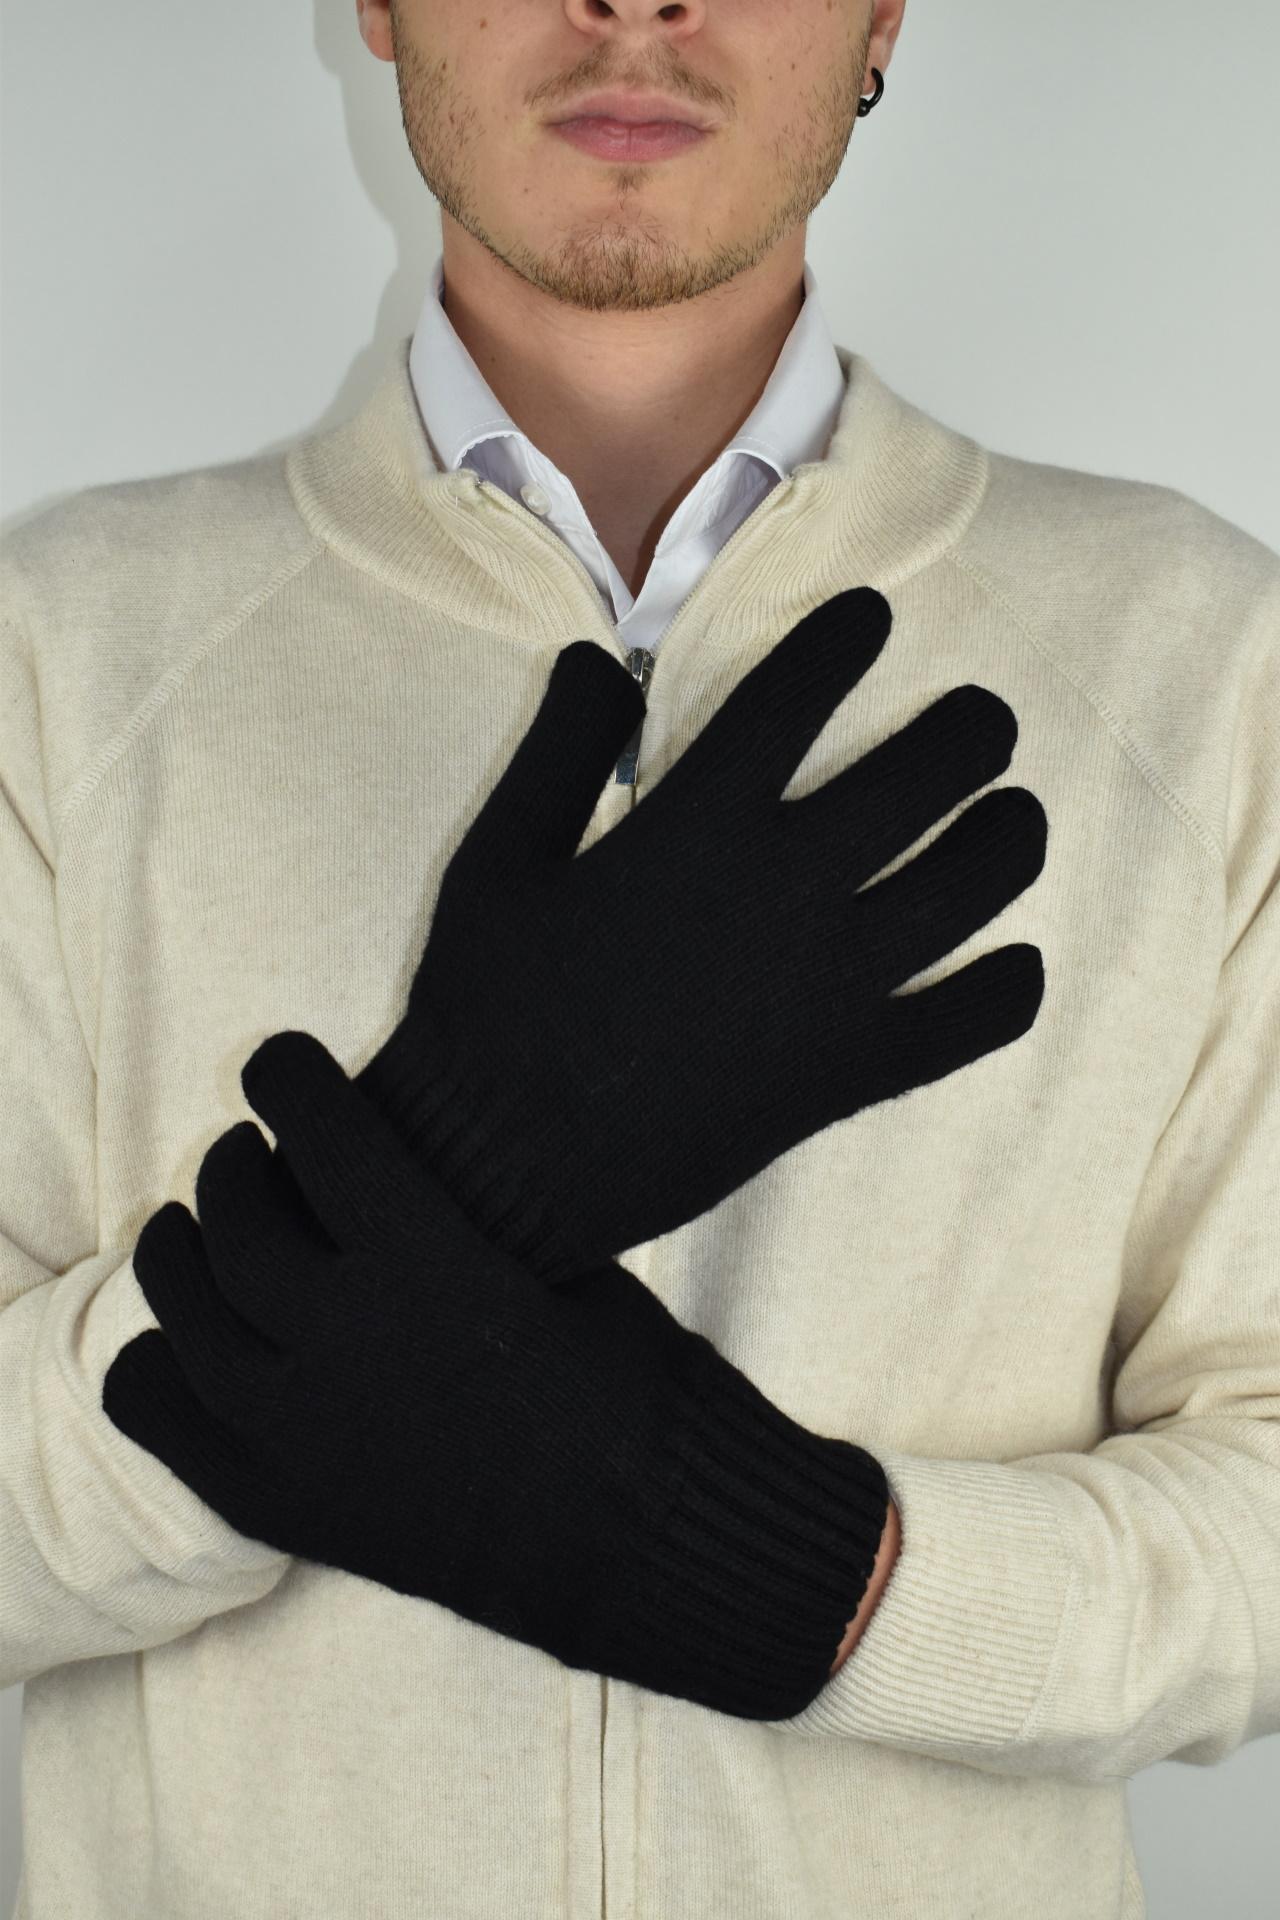 GLOVESDARIO NERO GUANTI UOMO 100 PURO CASHMERE 1 1stAmerican guanti 100% puro cashmere da uomo Made in Italy - caldi guanti invernali